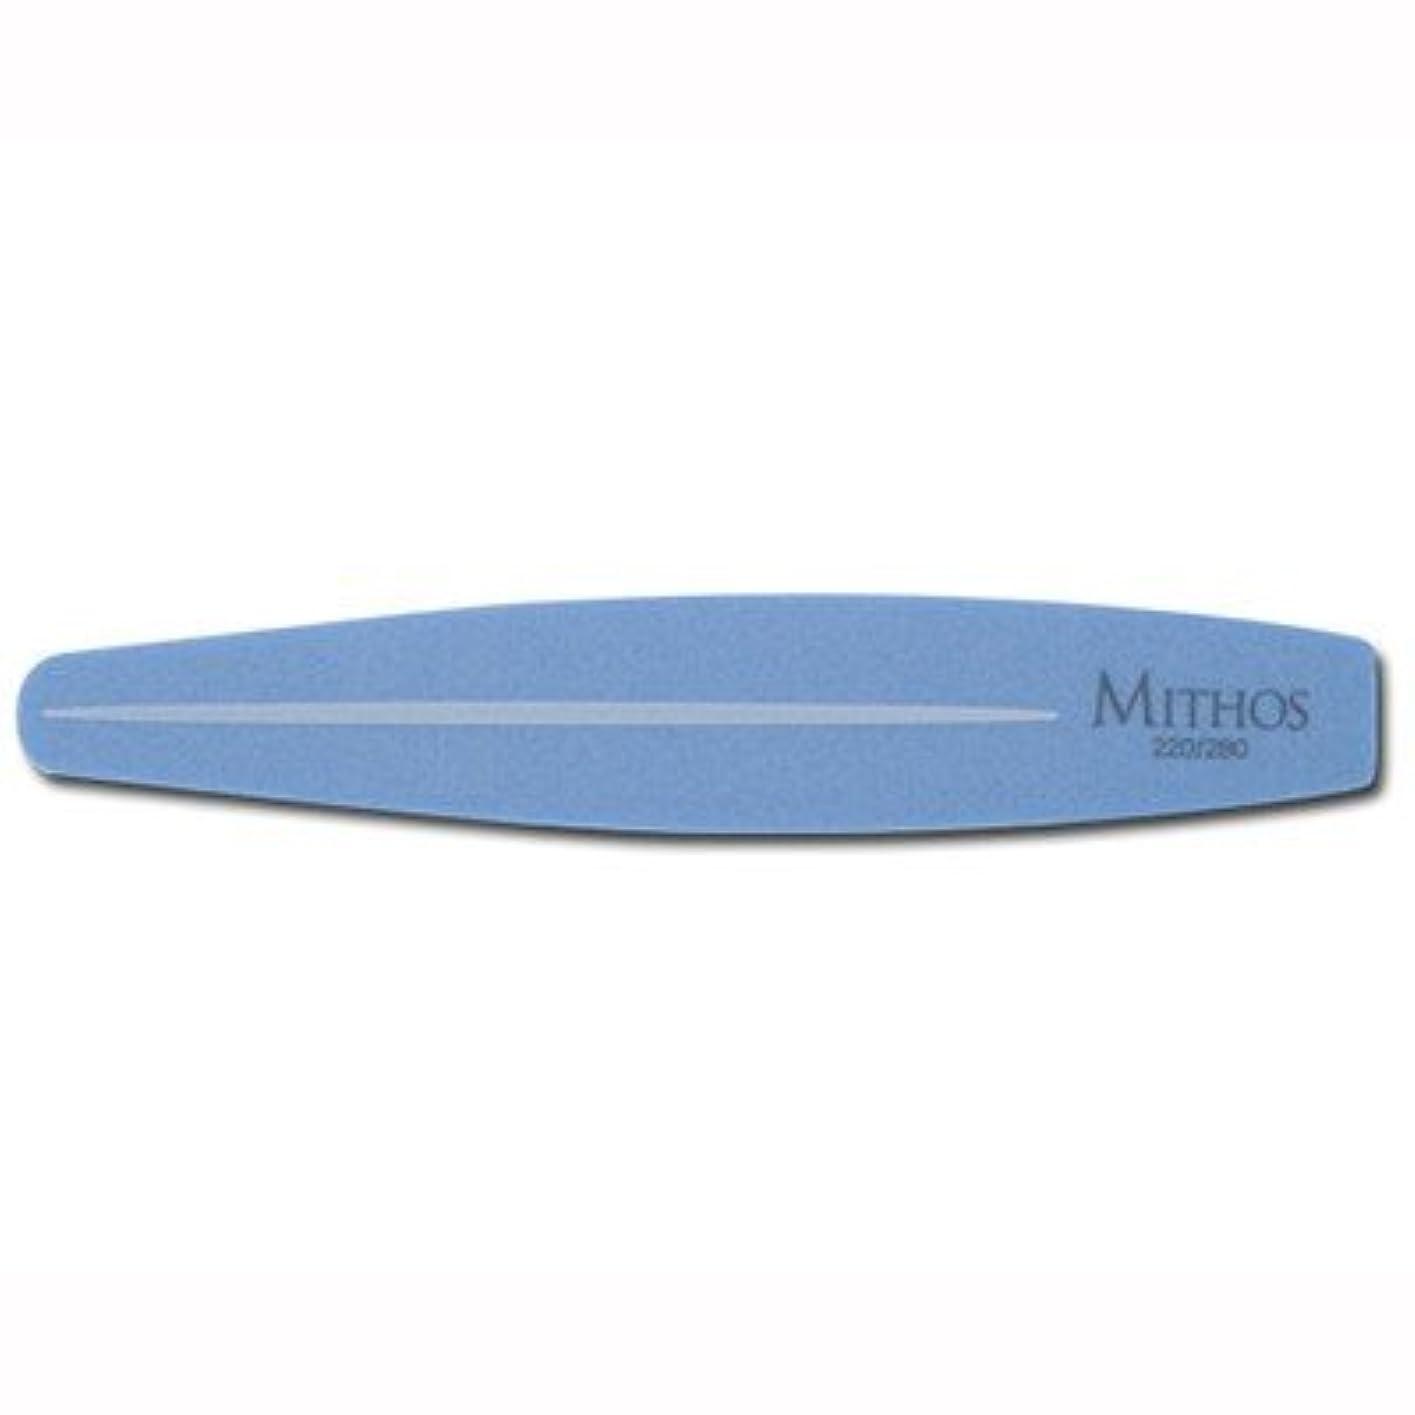 ミトス MITHOS スポンジファイル 220/280